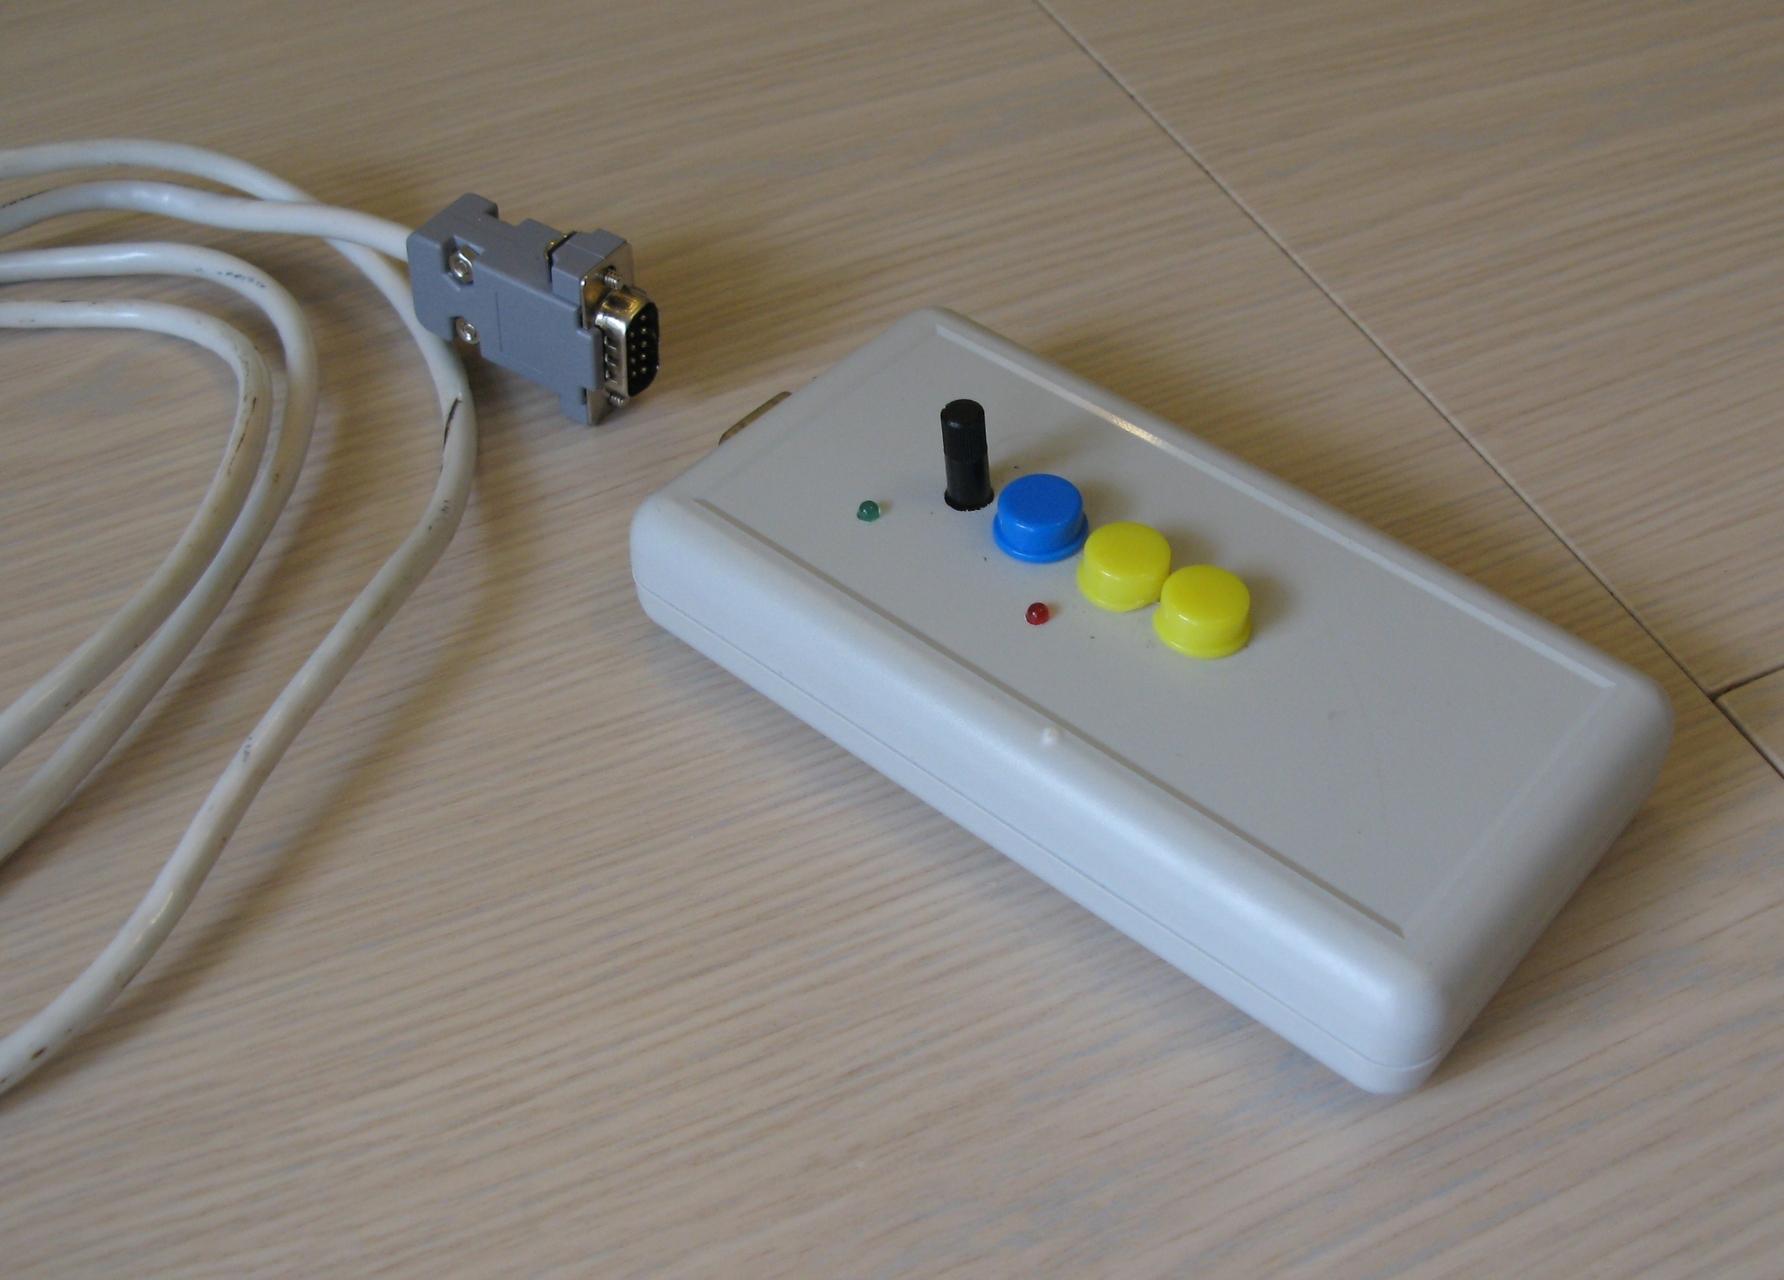 Разработка Электрофокусера на базе отладочной платы Arduino Uno, часть 1 - 3